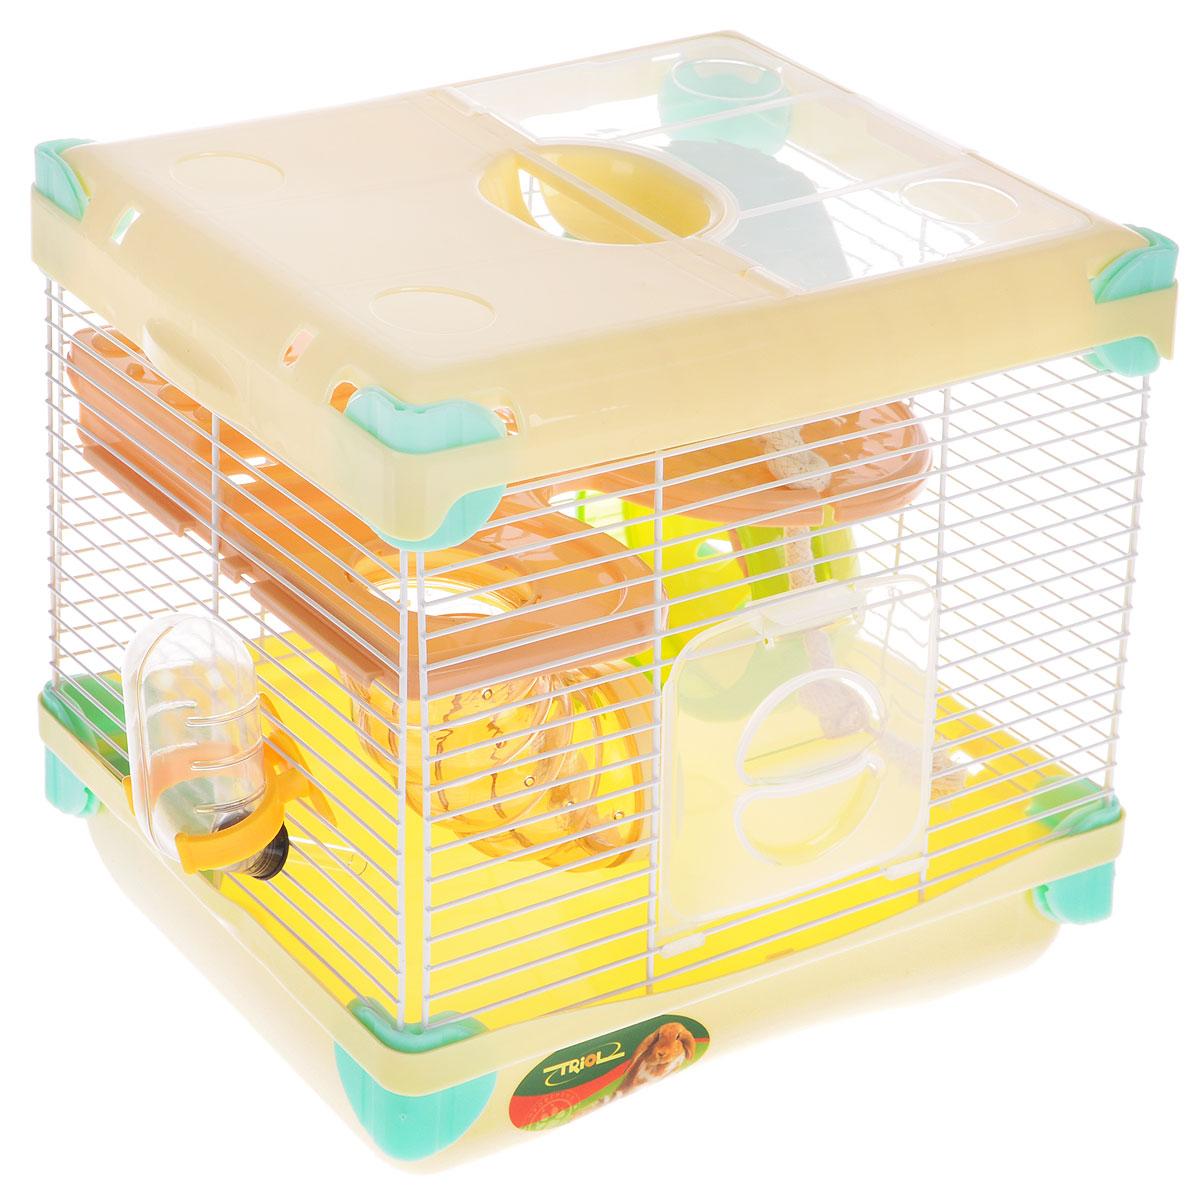 Клетка для грызунов Triol Парк Приключений, 27,5 x 20,5 x 25 см клетка triol n 1601цинк для птиц 34 5 26 44см